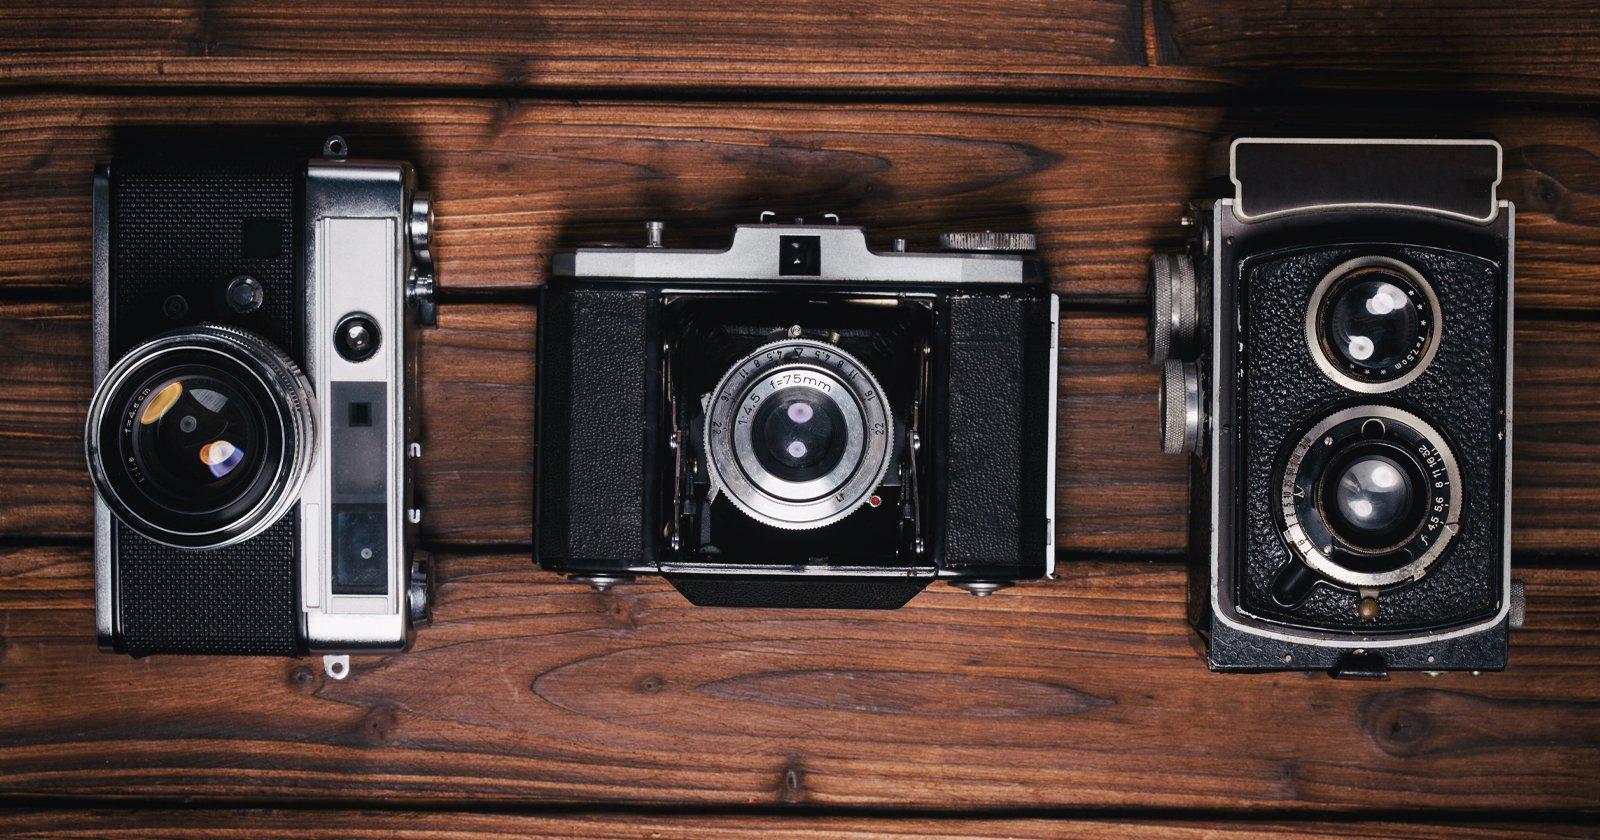 Abbiamo bisogno di innovazioni nuove e moderne per rivitalizzare la fotografia analogica